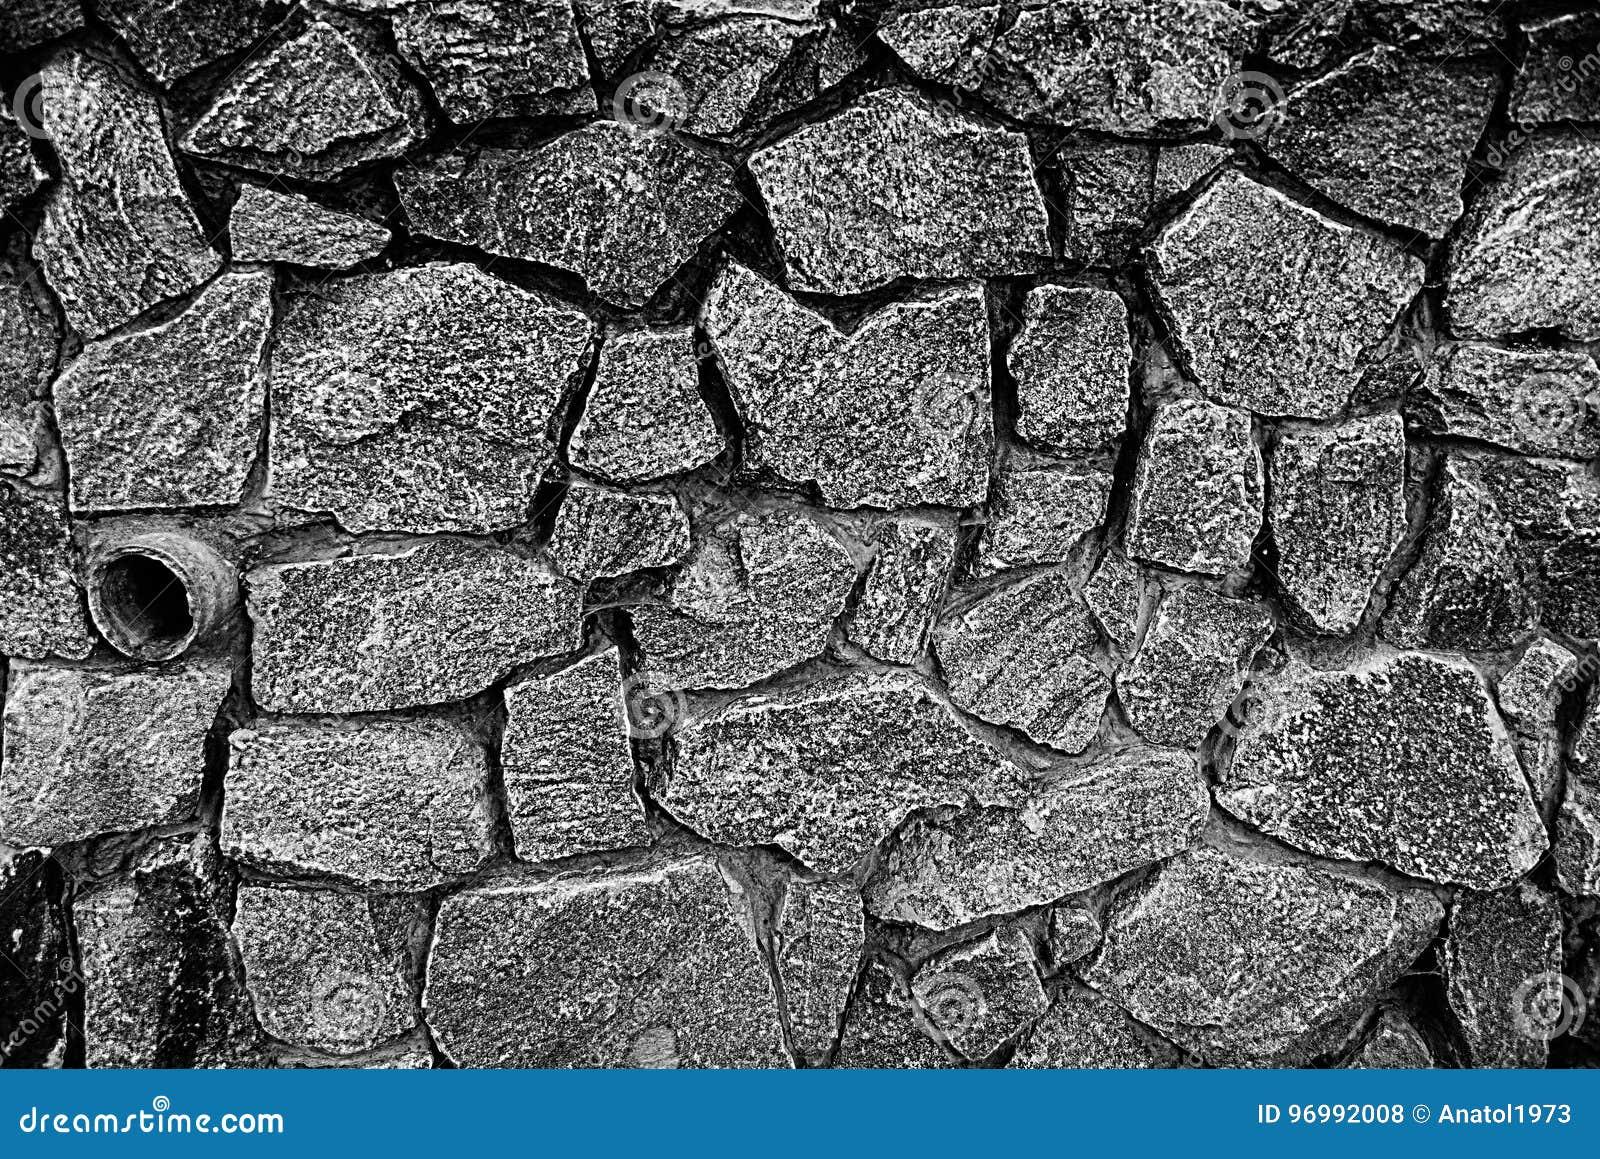 Textura De Piedra Gris De Un Fragmento Del Sótano Con Los Guijarros ...